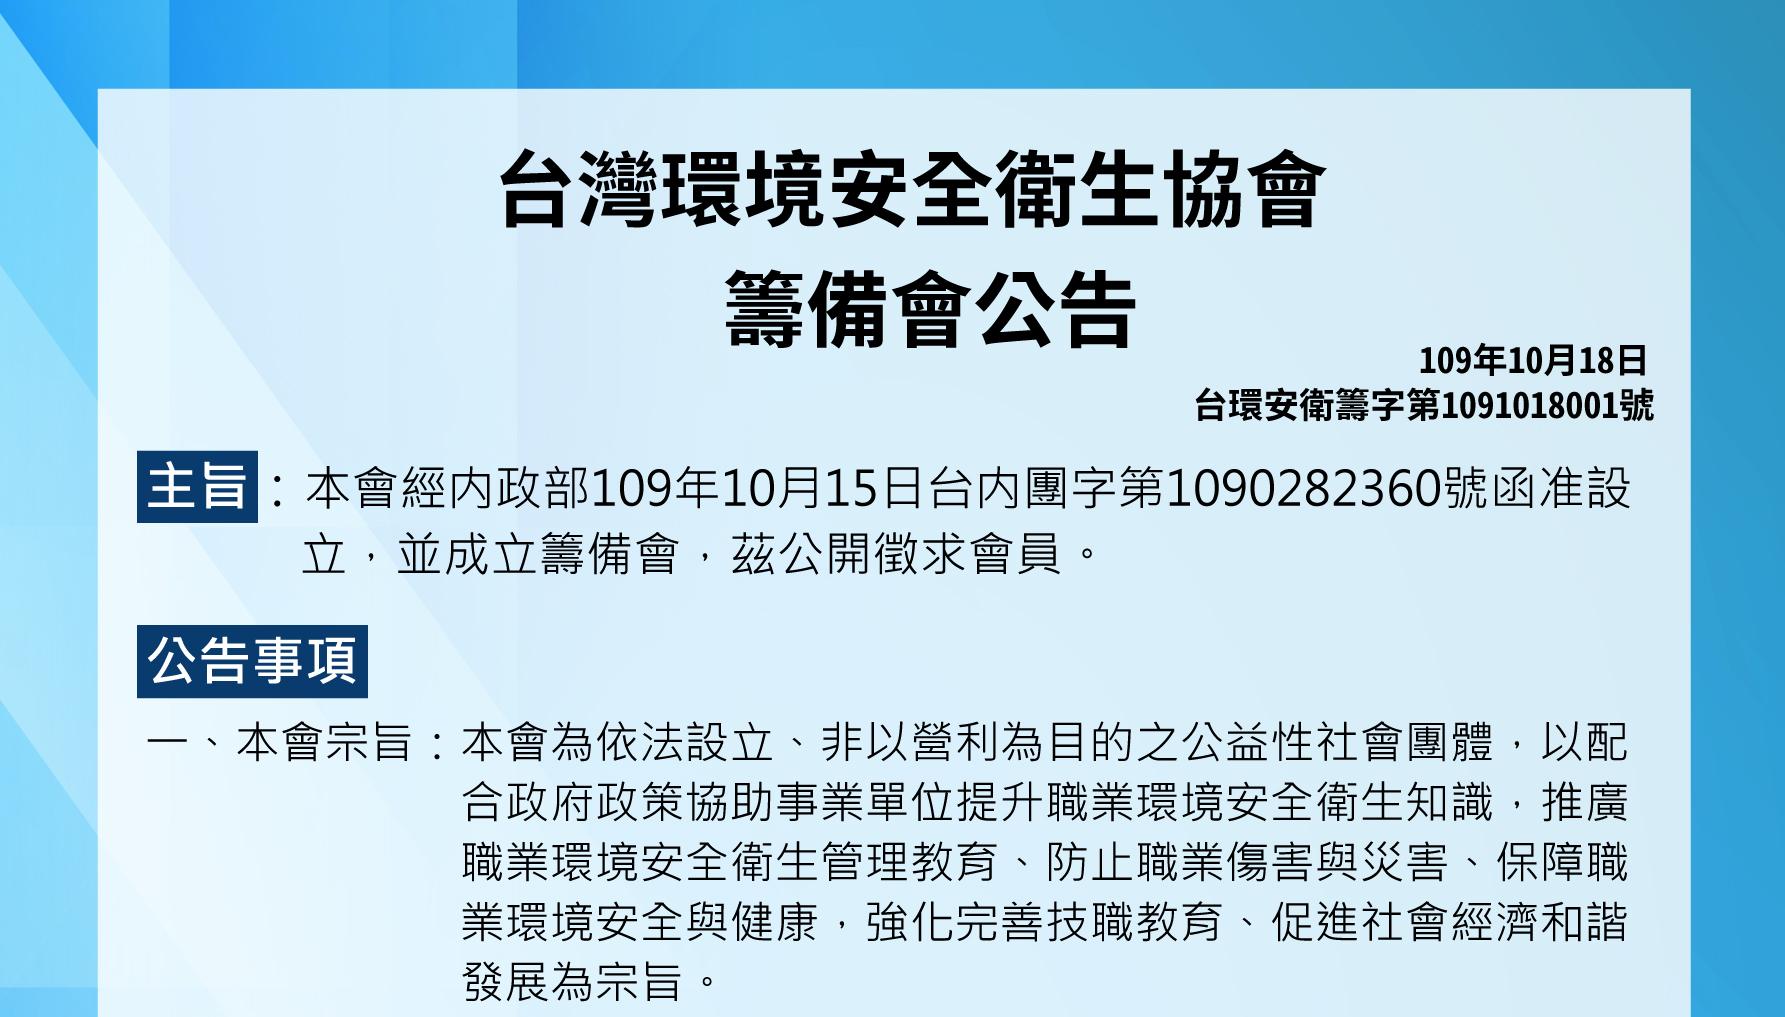 台灣環境安全衛生協會-籌備會公告